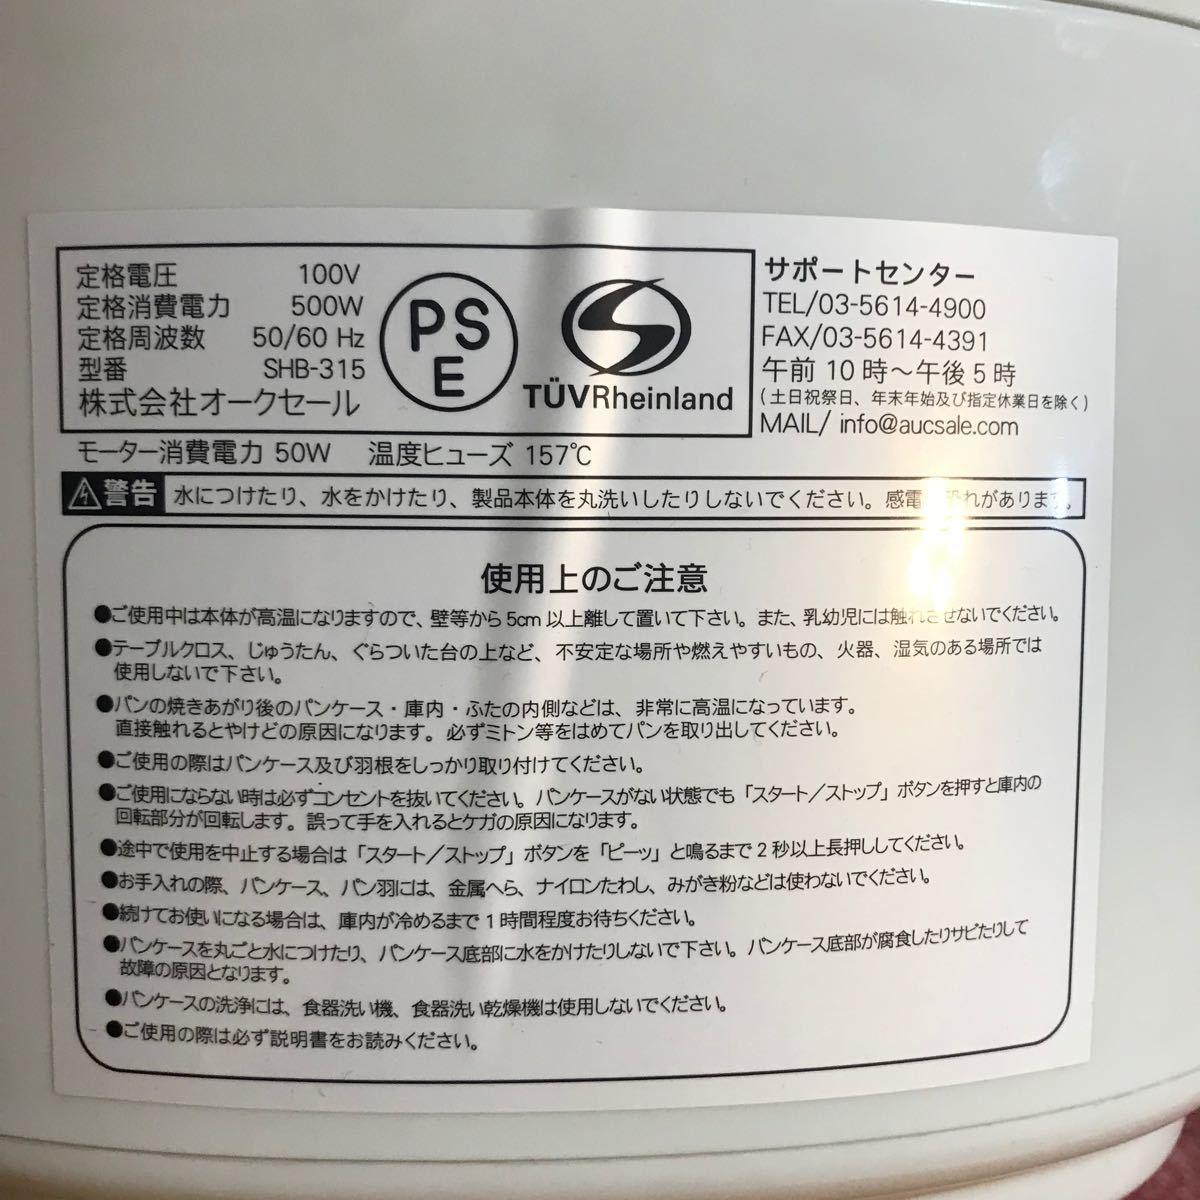 siroca ヨーグルト・パスタ生地も作れる 餅・米粉/ご飯パン対応 ホームベーカリー SHB-315神奈川限定